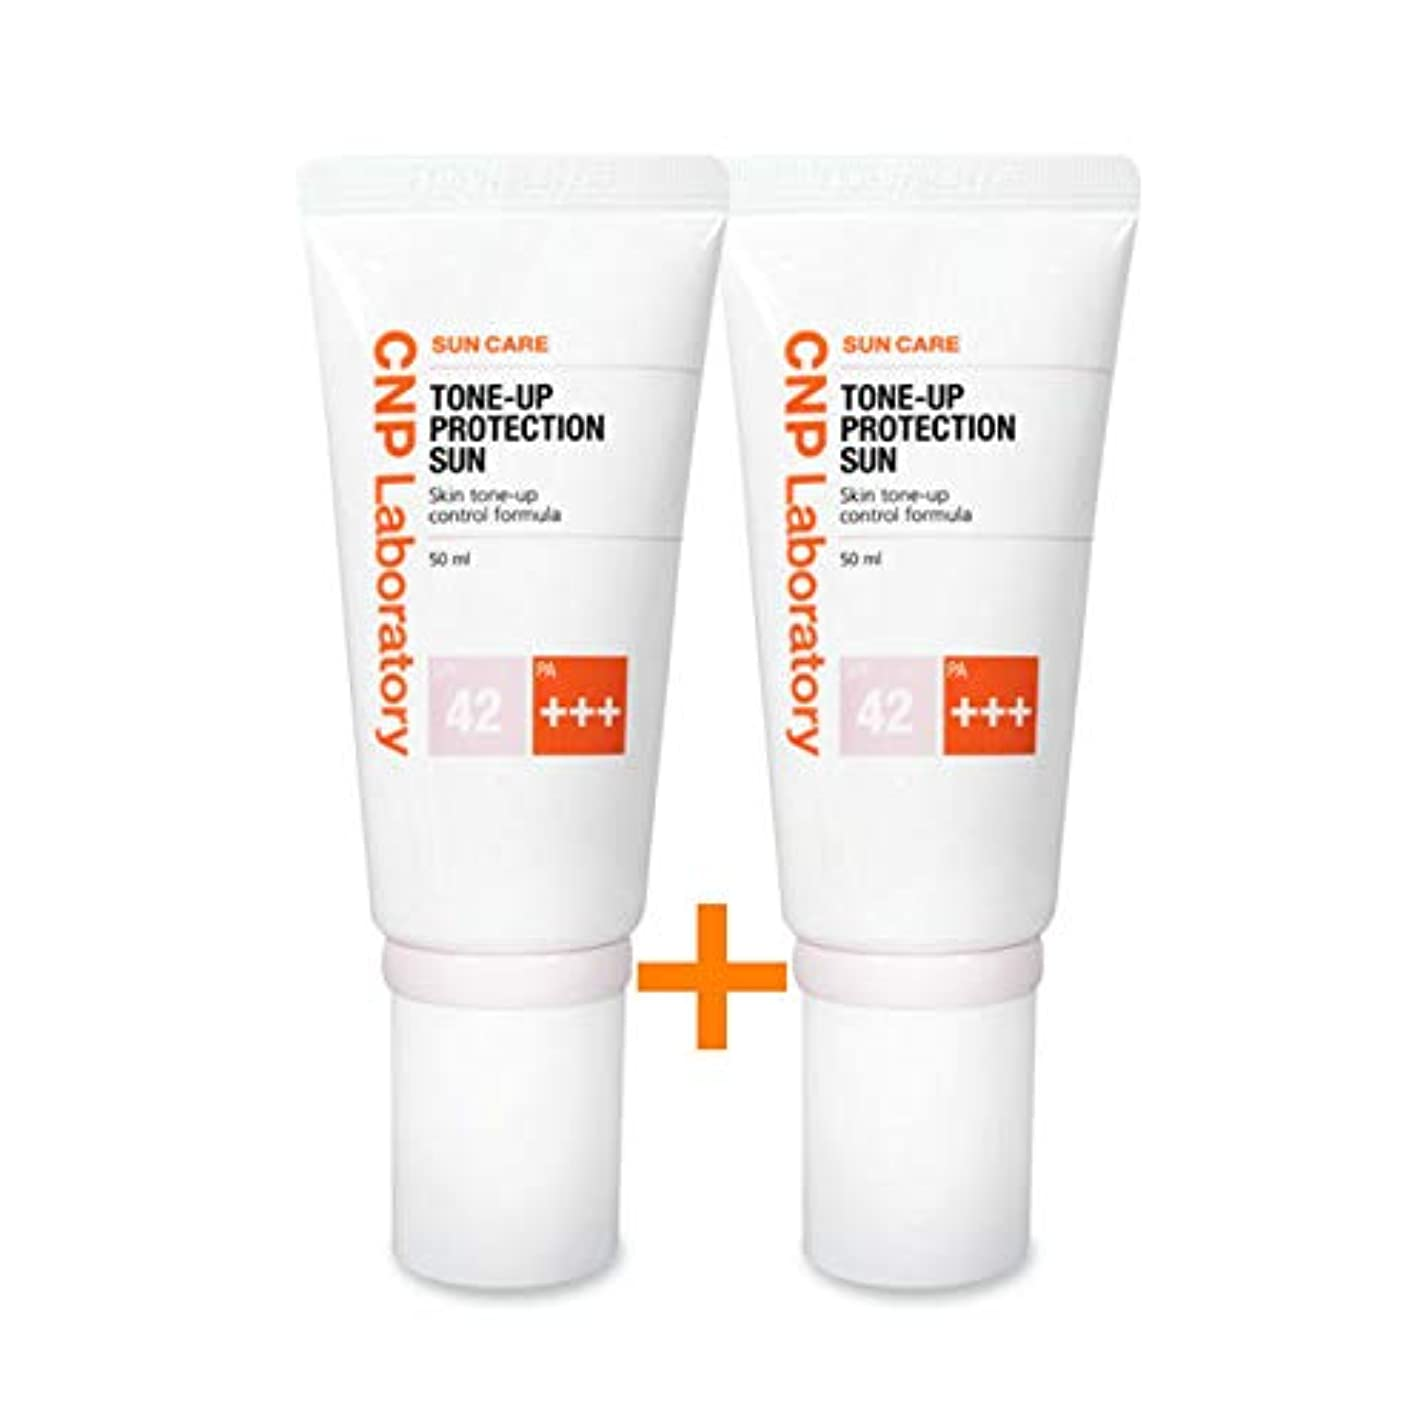 行うキャンバス眠いです[ 1 + 1 ] CNPトンオププロテクションサン?クリーム紫外線遮断剤 (SPF42 / PA+++) 50ml、CNP Tone-up Protection Sun Cream (SPF42 / PA+++) 50ml...